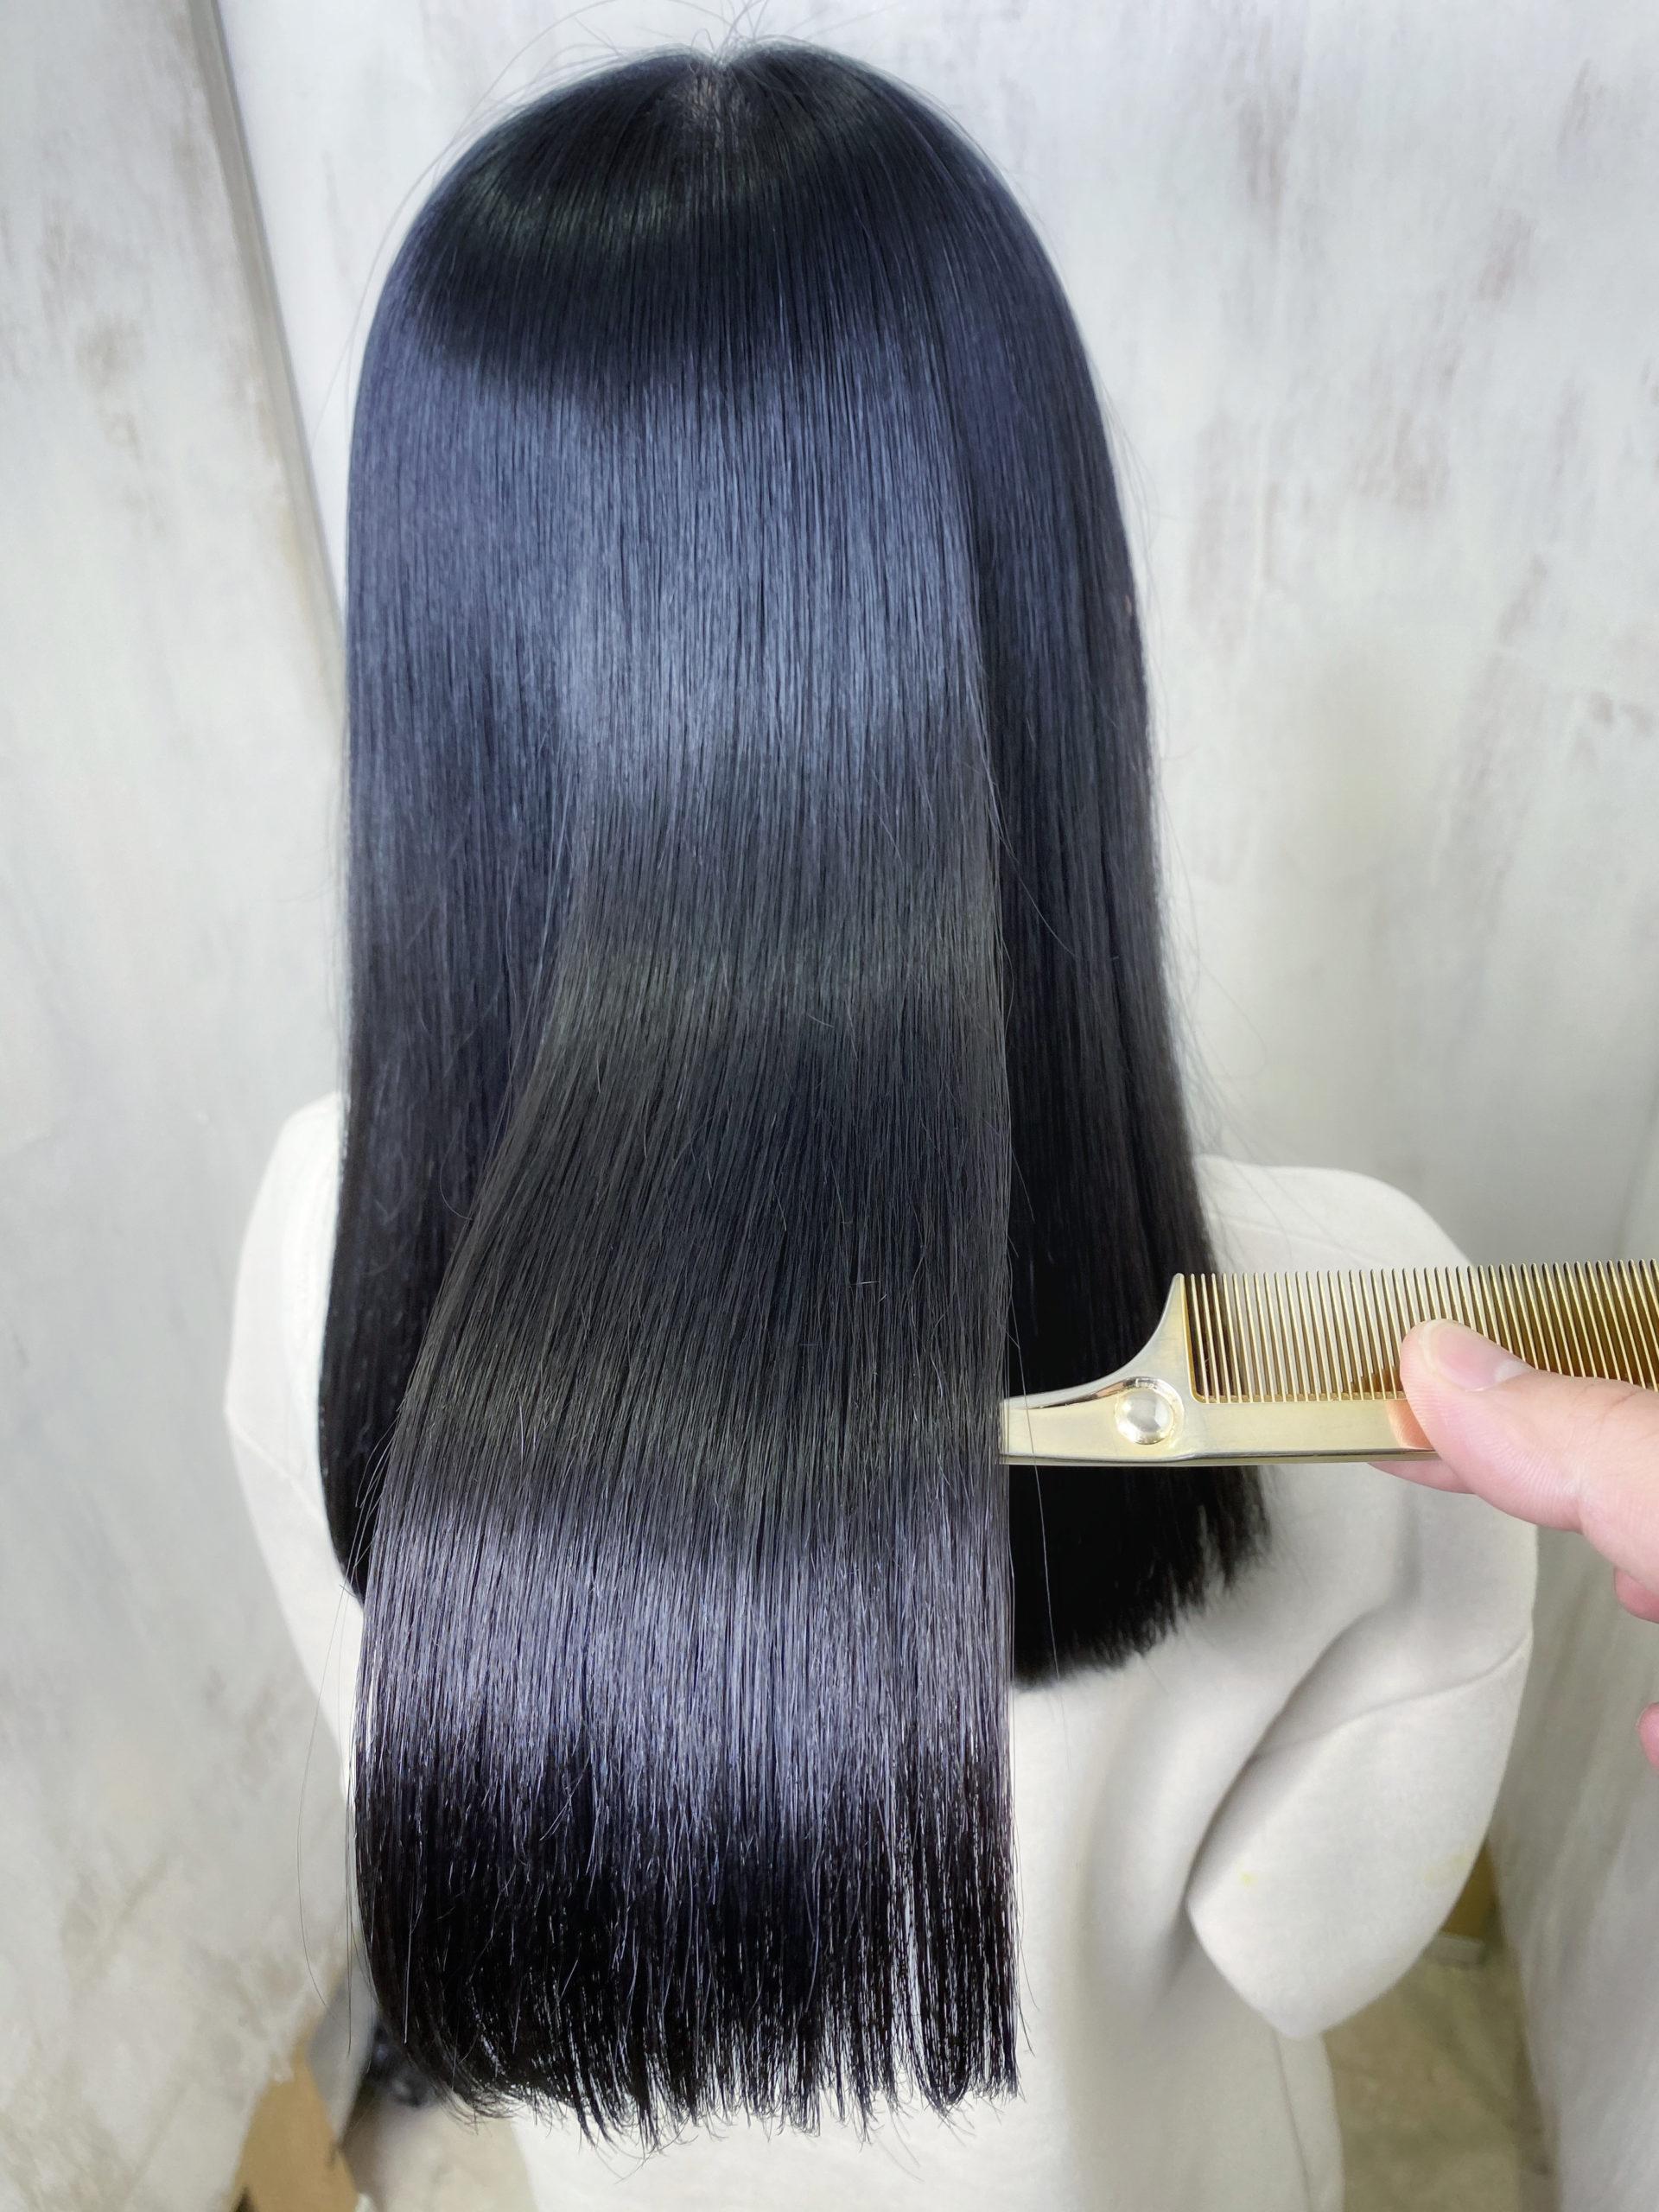 ジュエリーシステム×LULUトリートメント×縮毛矯正で輝く艶髪。原宿・表参道『髪のお悩みを解決するヘアケア美容師の挑戦』